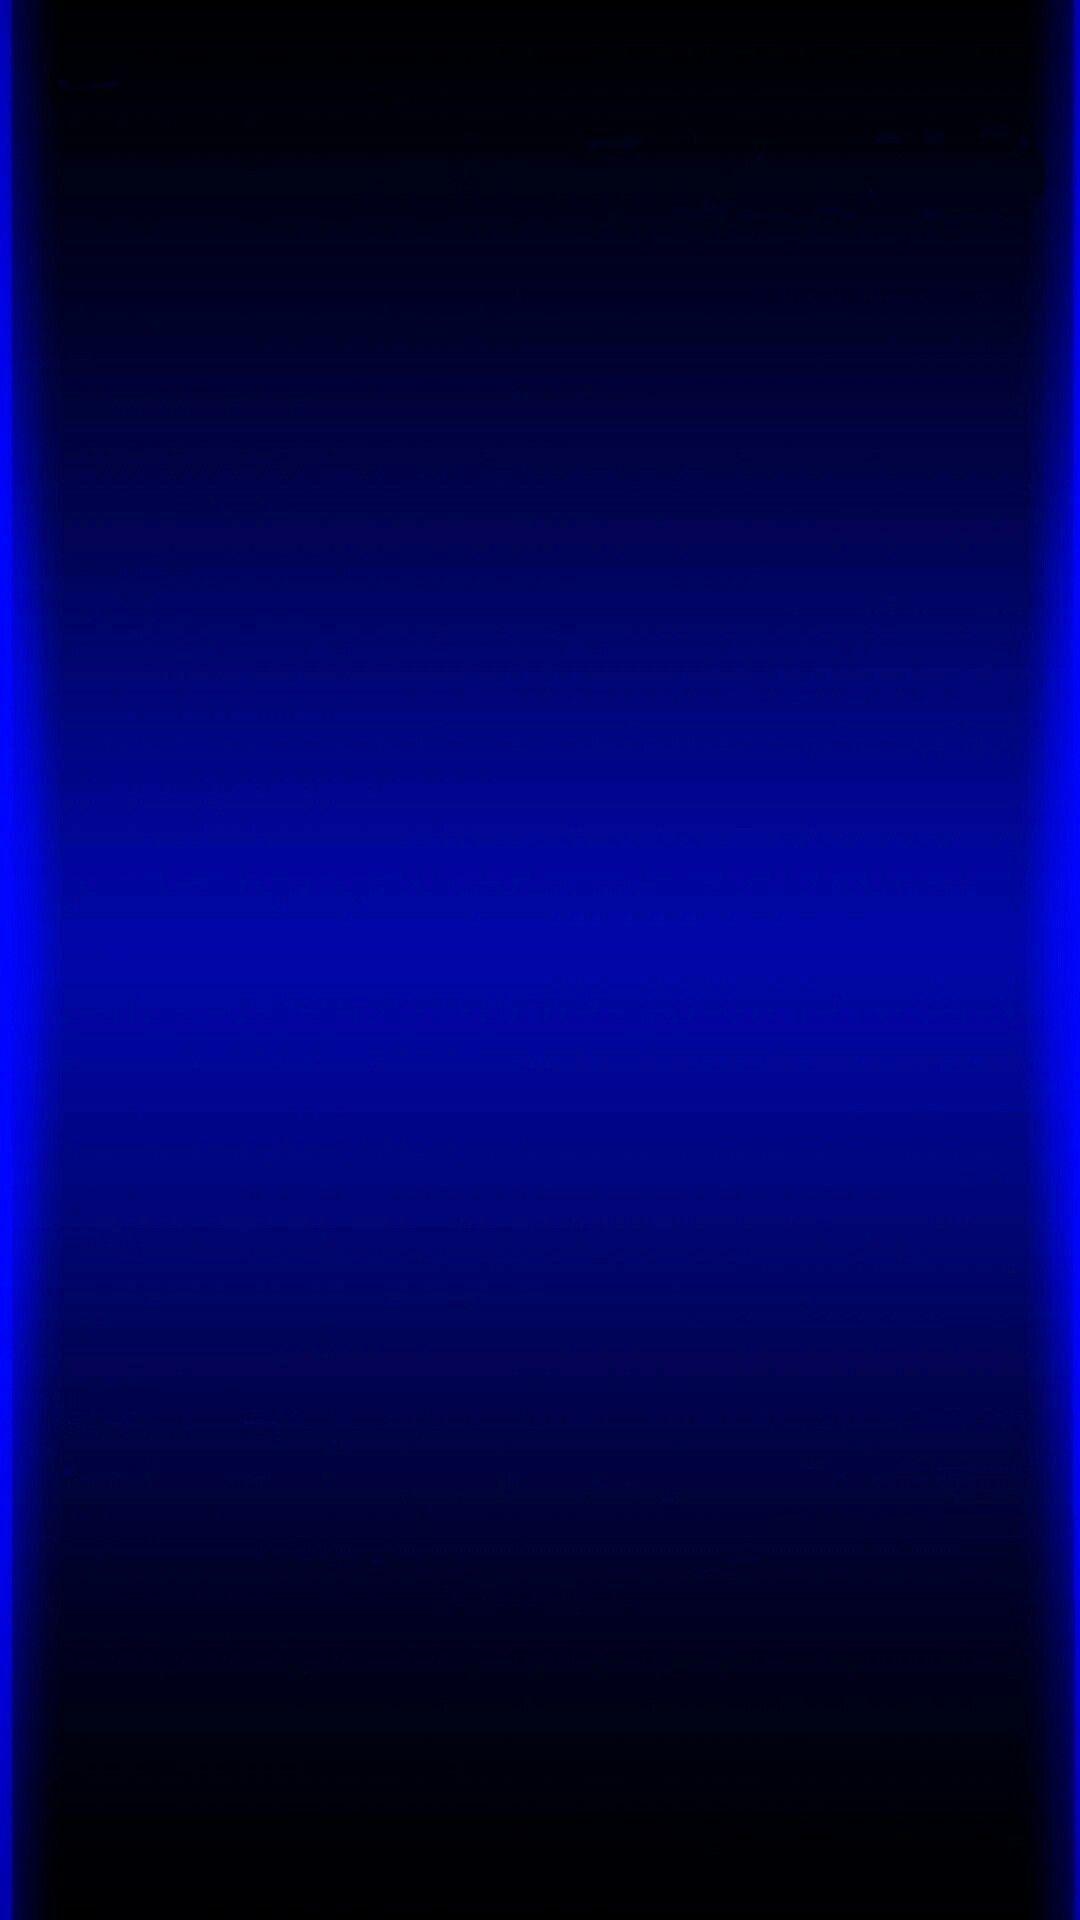 Обои На Телефон Синий Фон